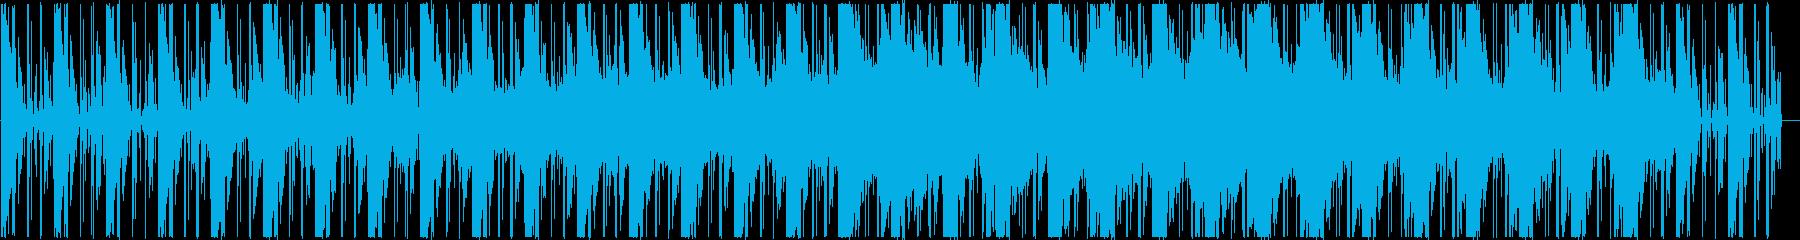 幻想的、神秘的なアンビエントの再生済みの波形